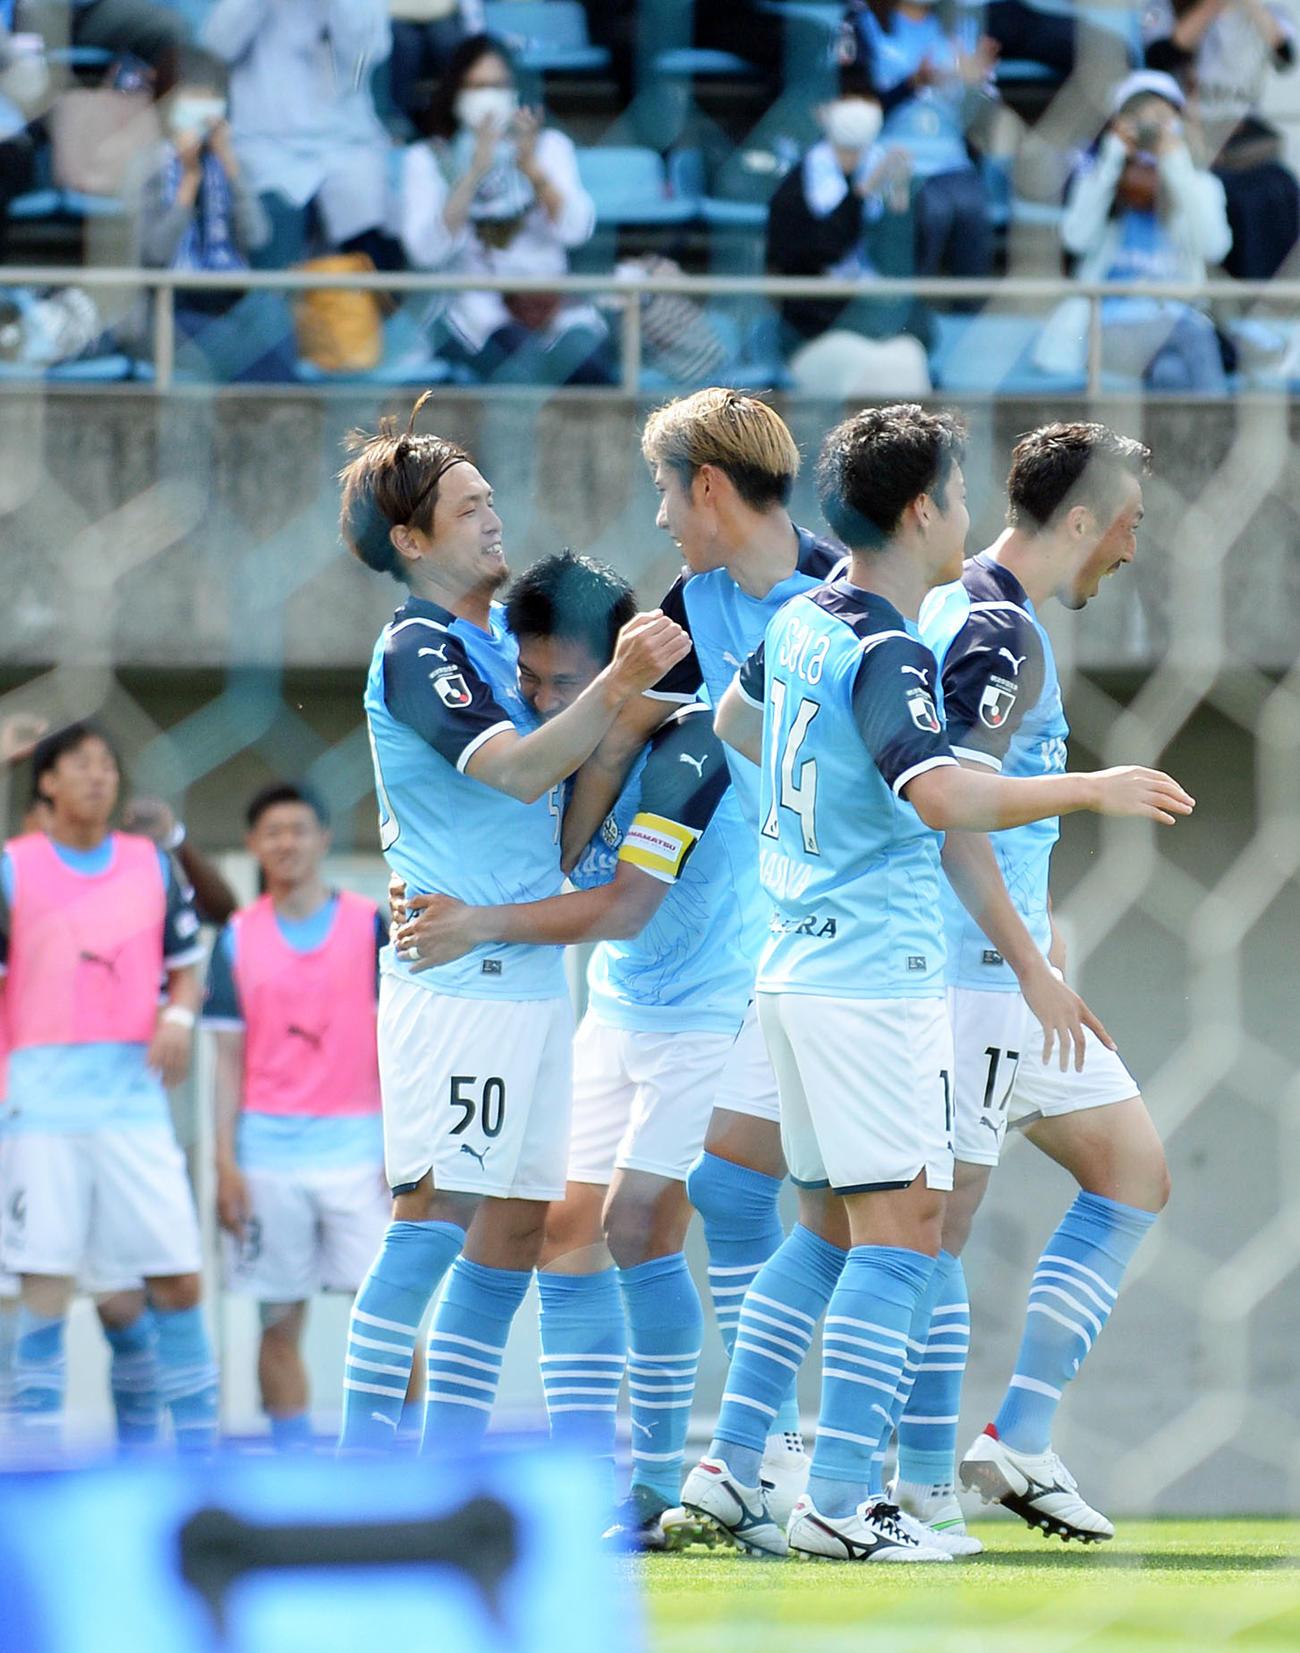 得点後にチームメートと喜び合う磐田MF遠藤(背番号50)